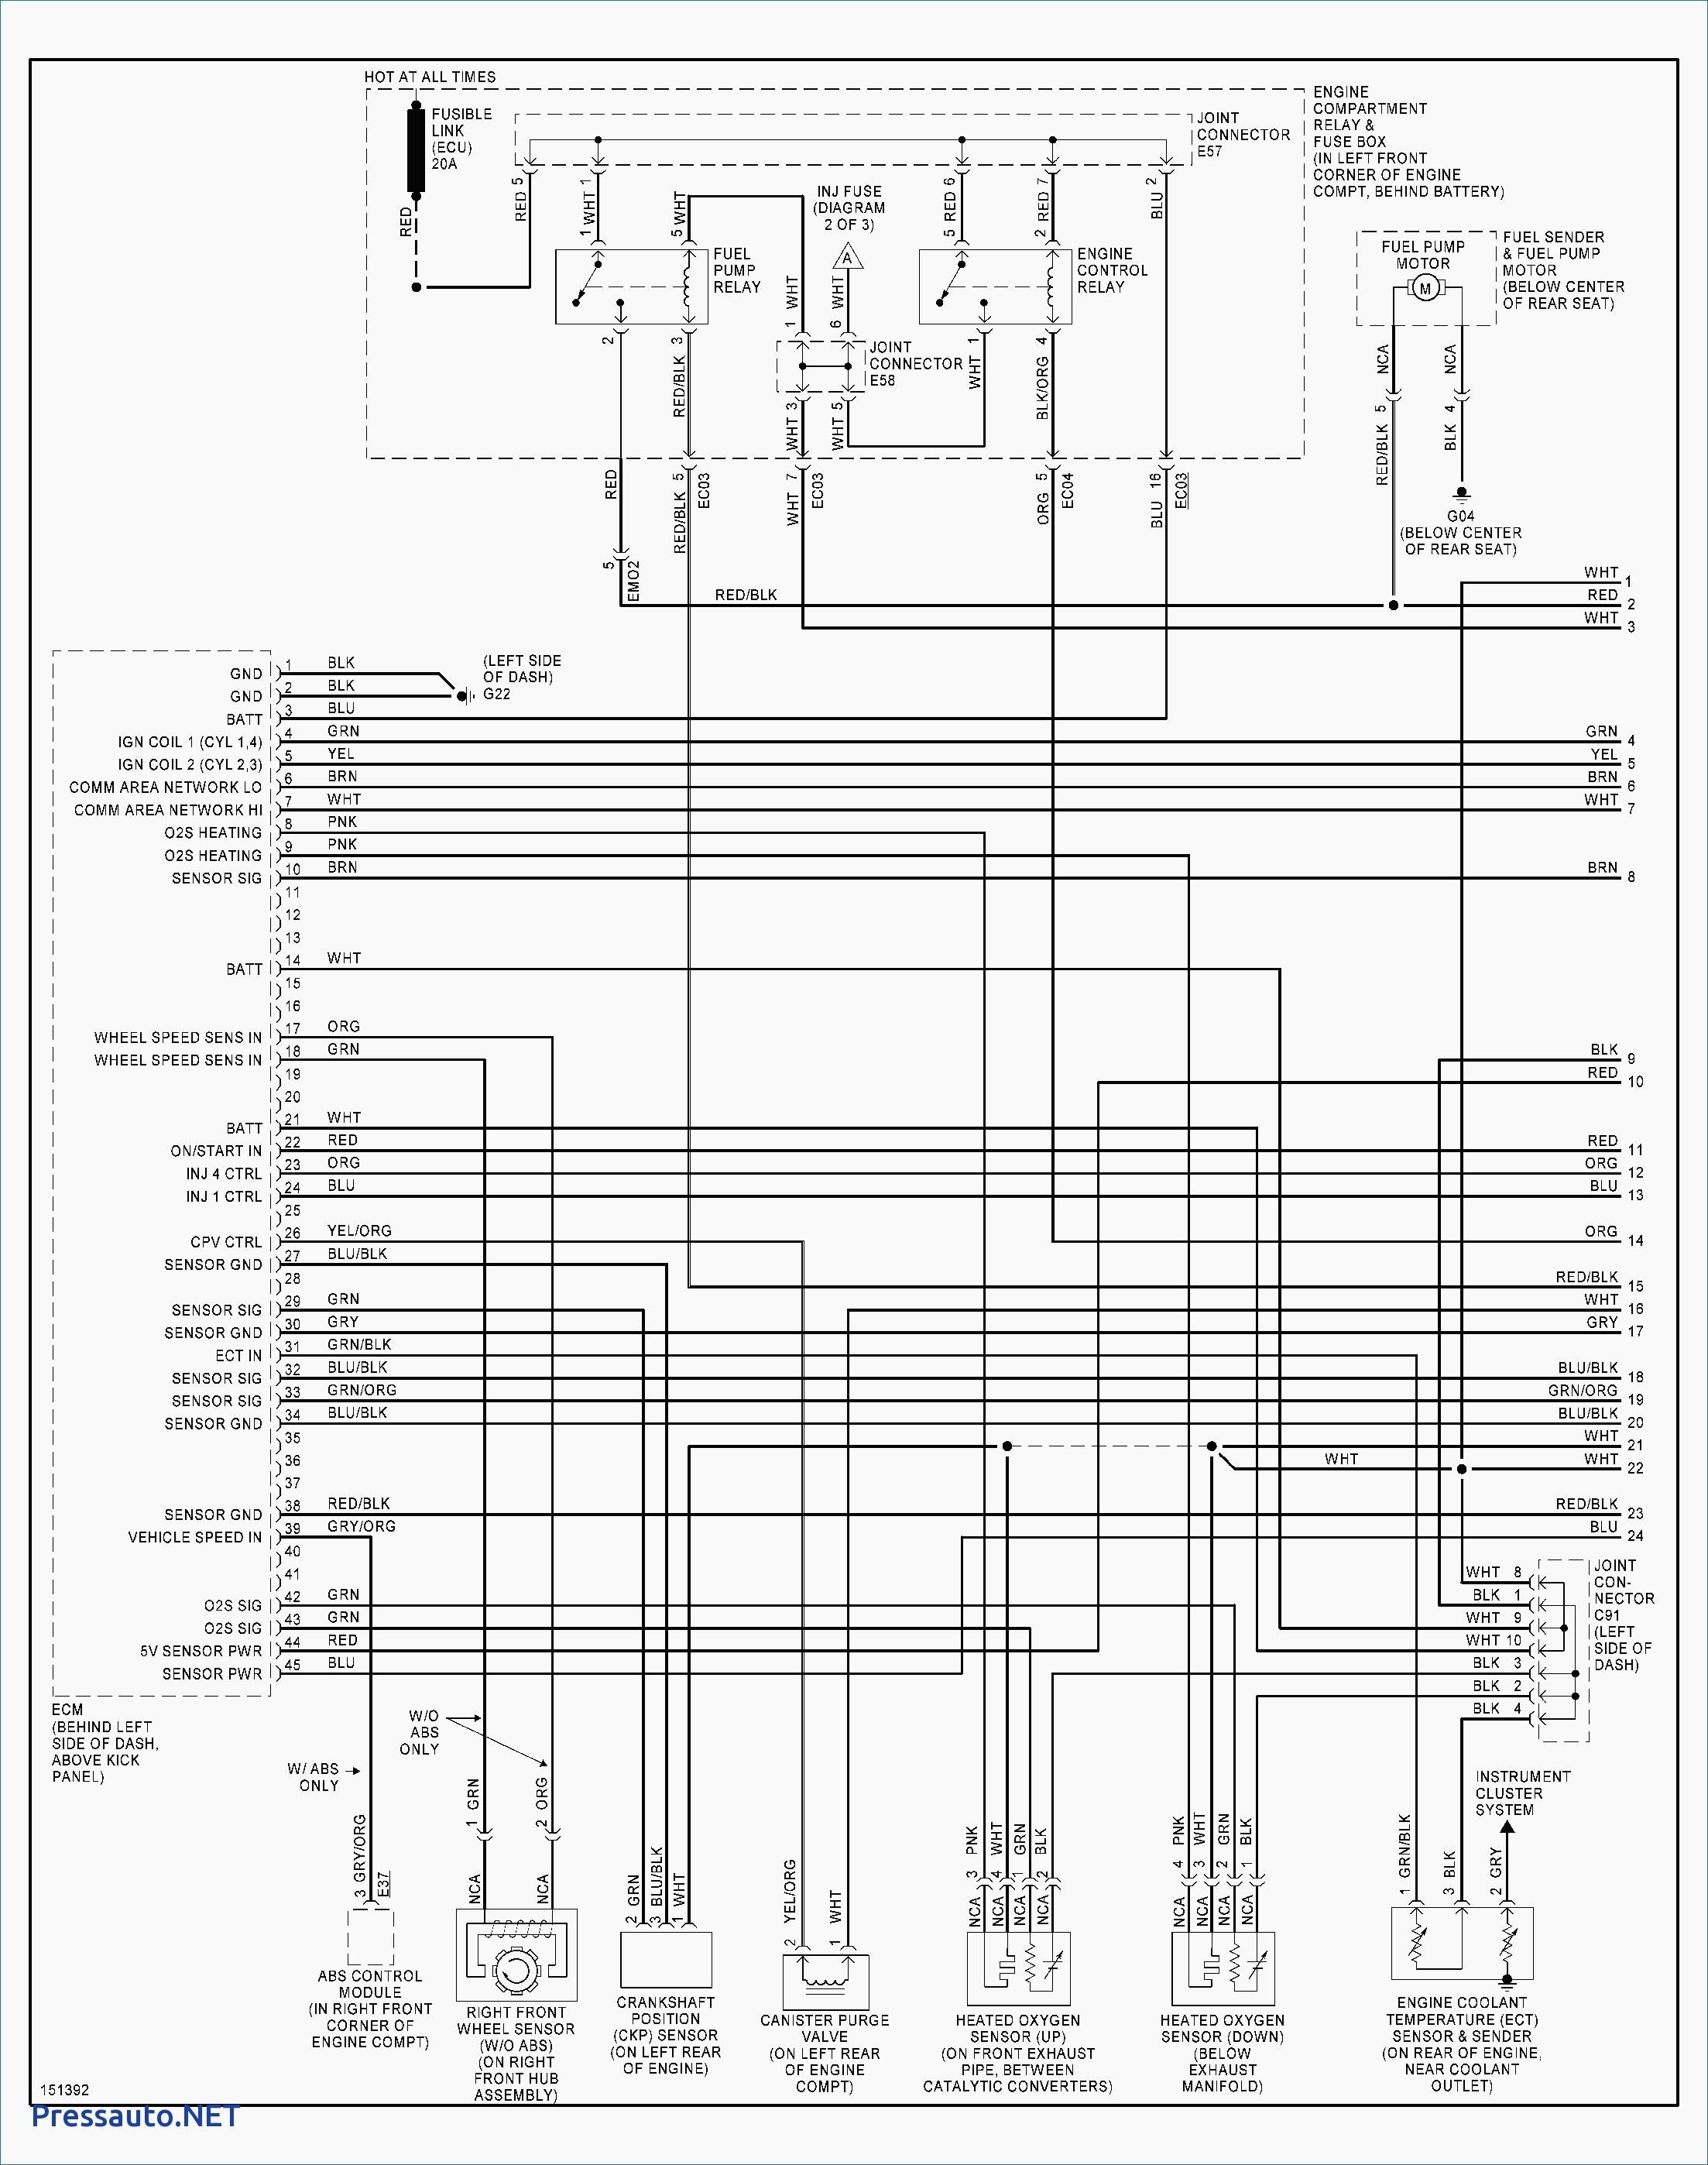 2005 hyundai tucson 2.7 engine diagram